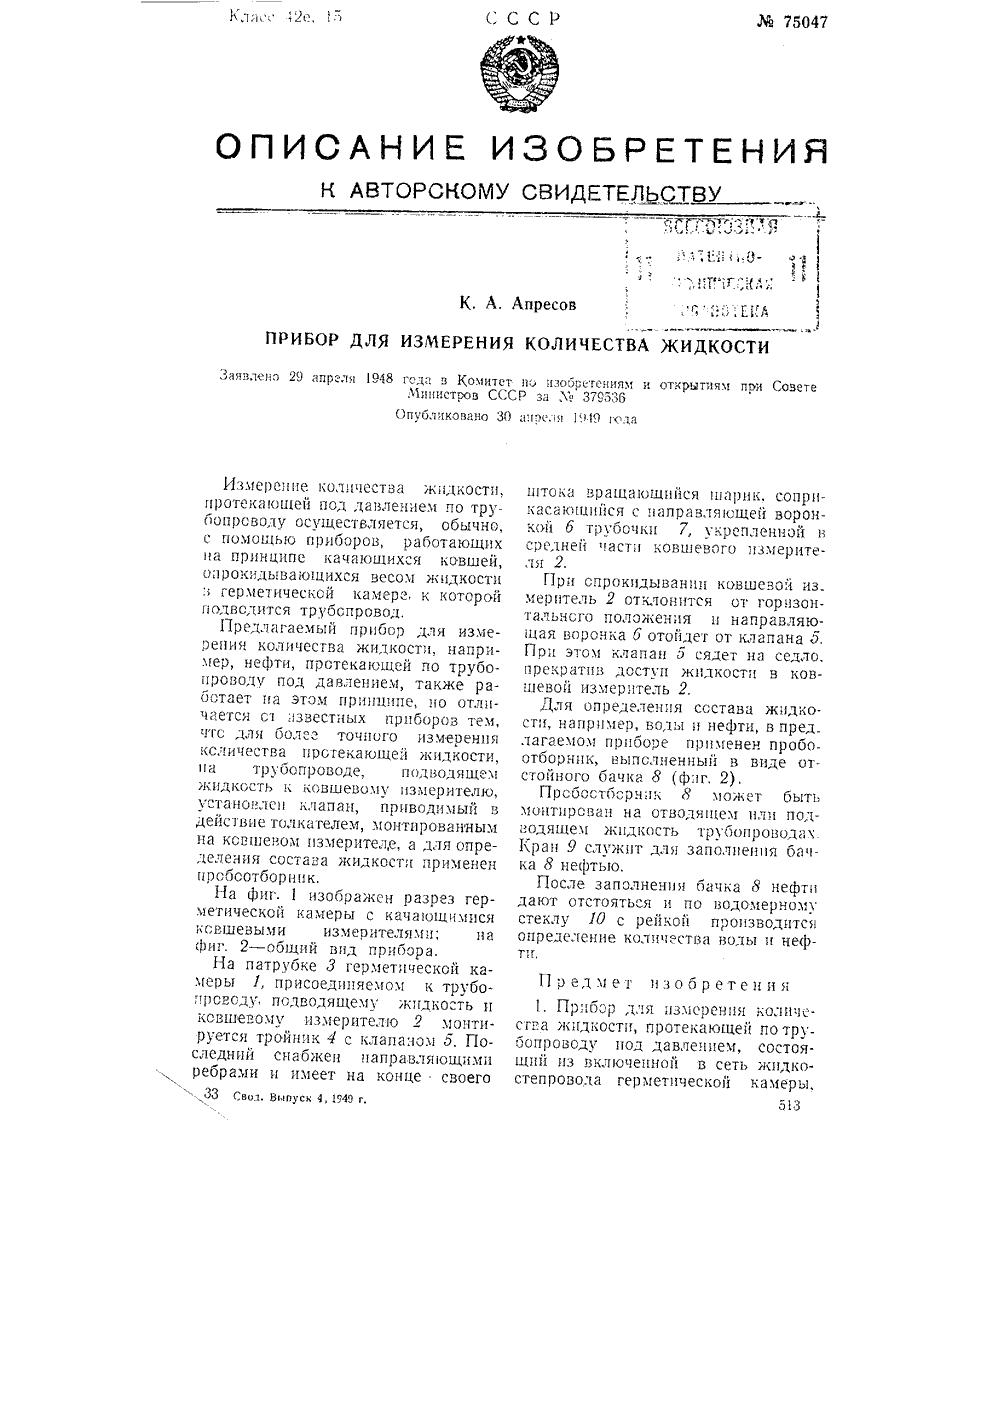 образец заполнения формы 11ио учет